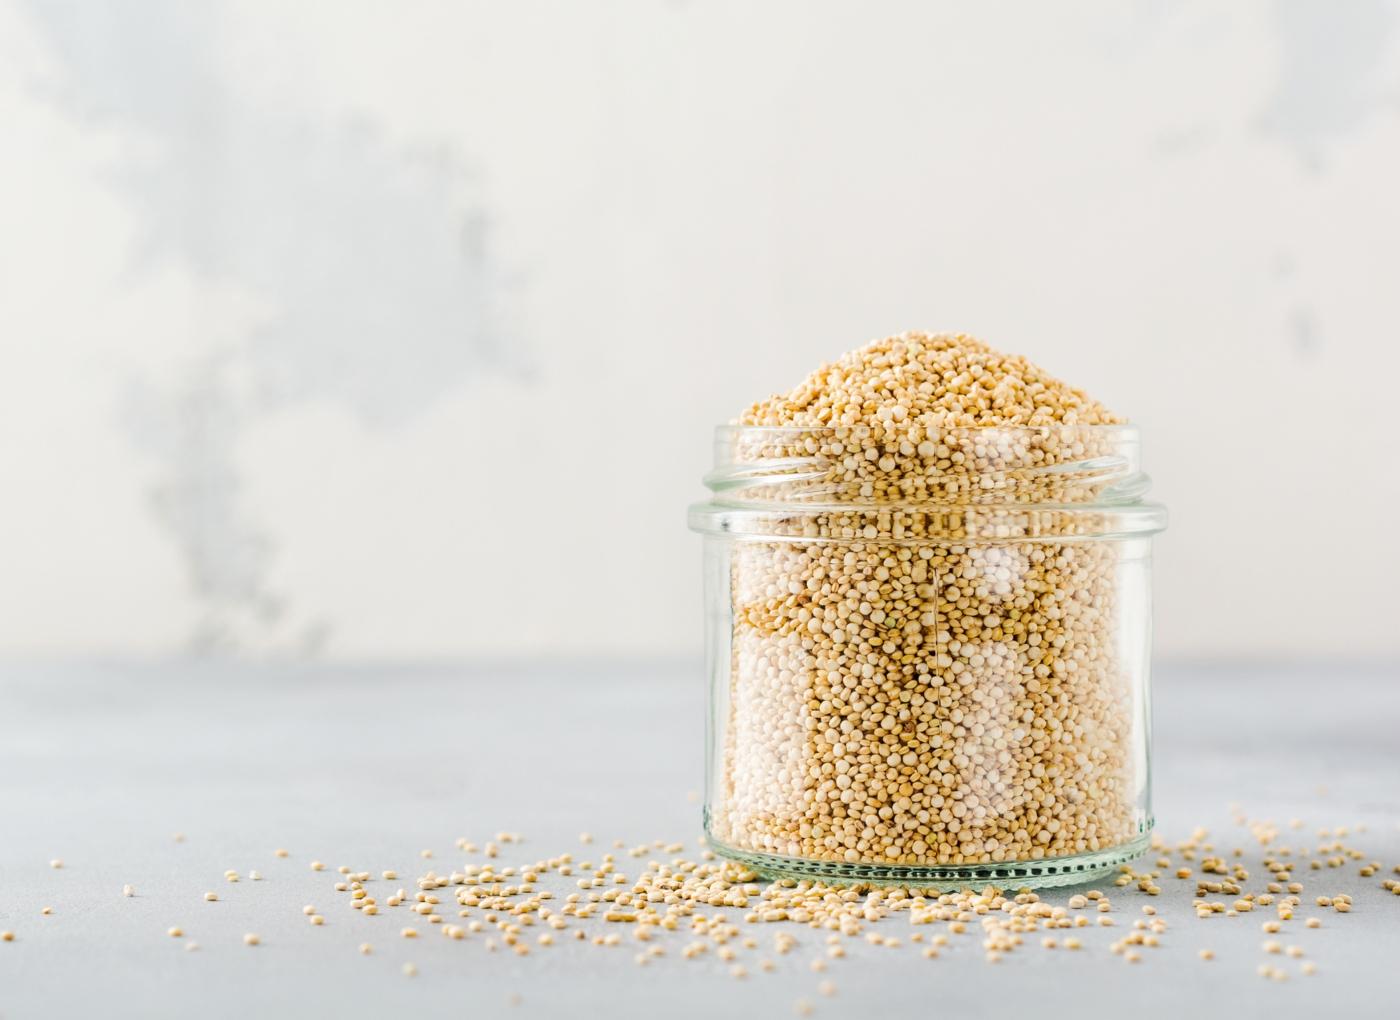 Frasco com quinoa